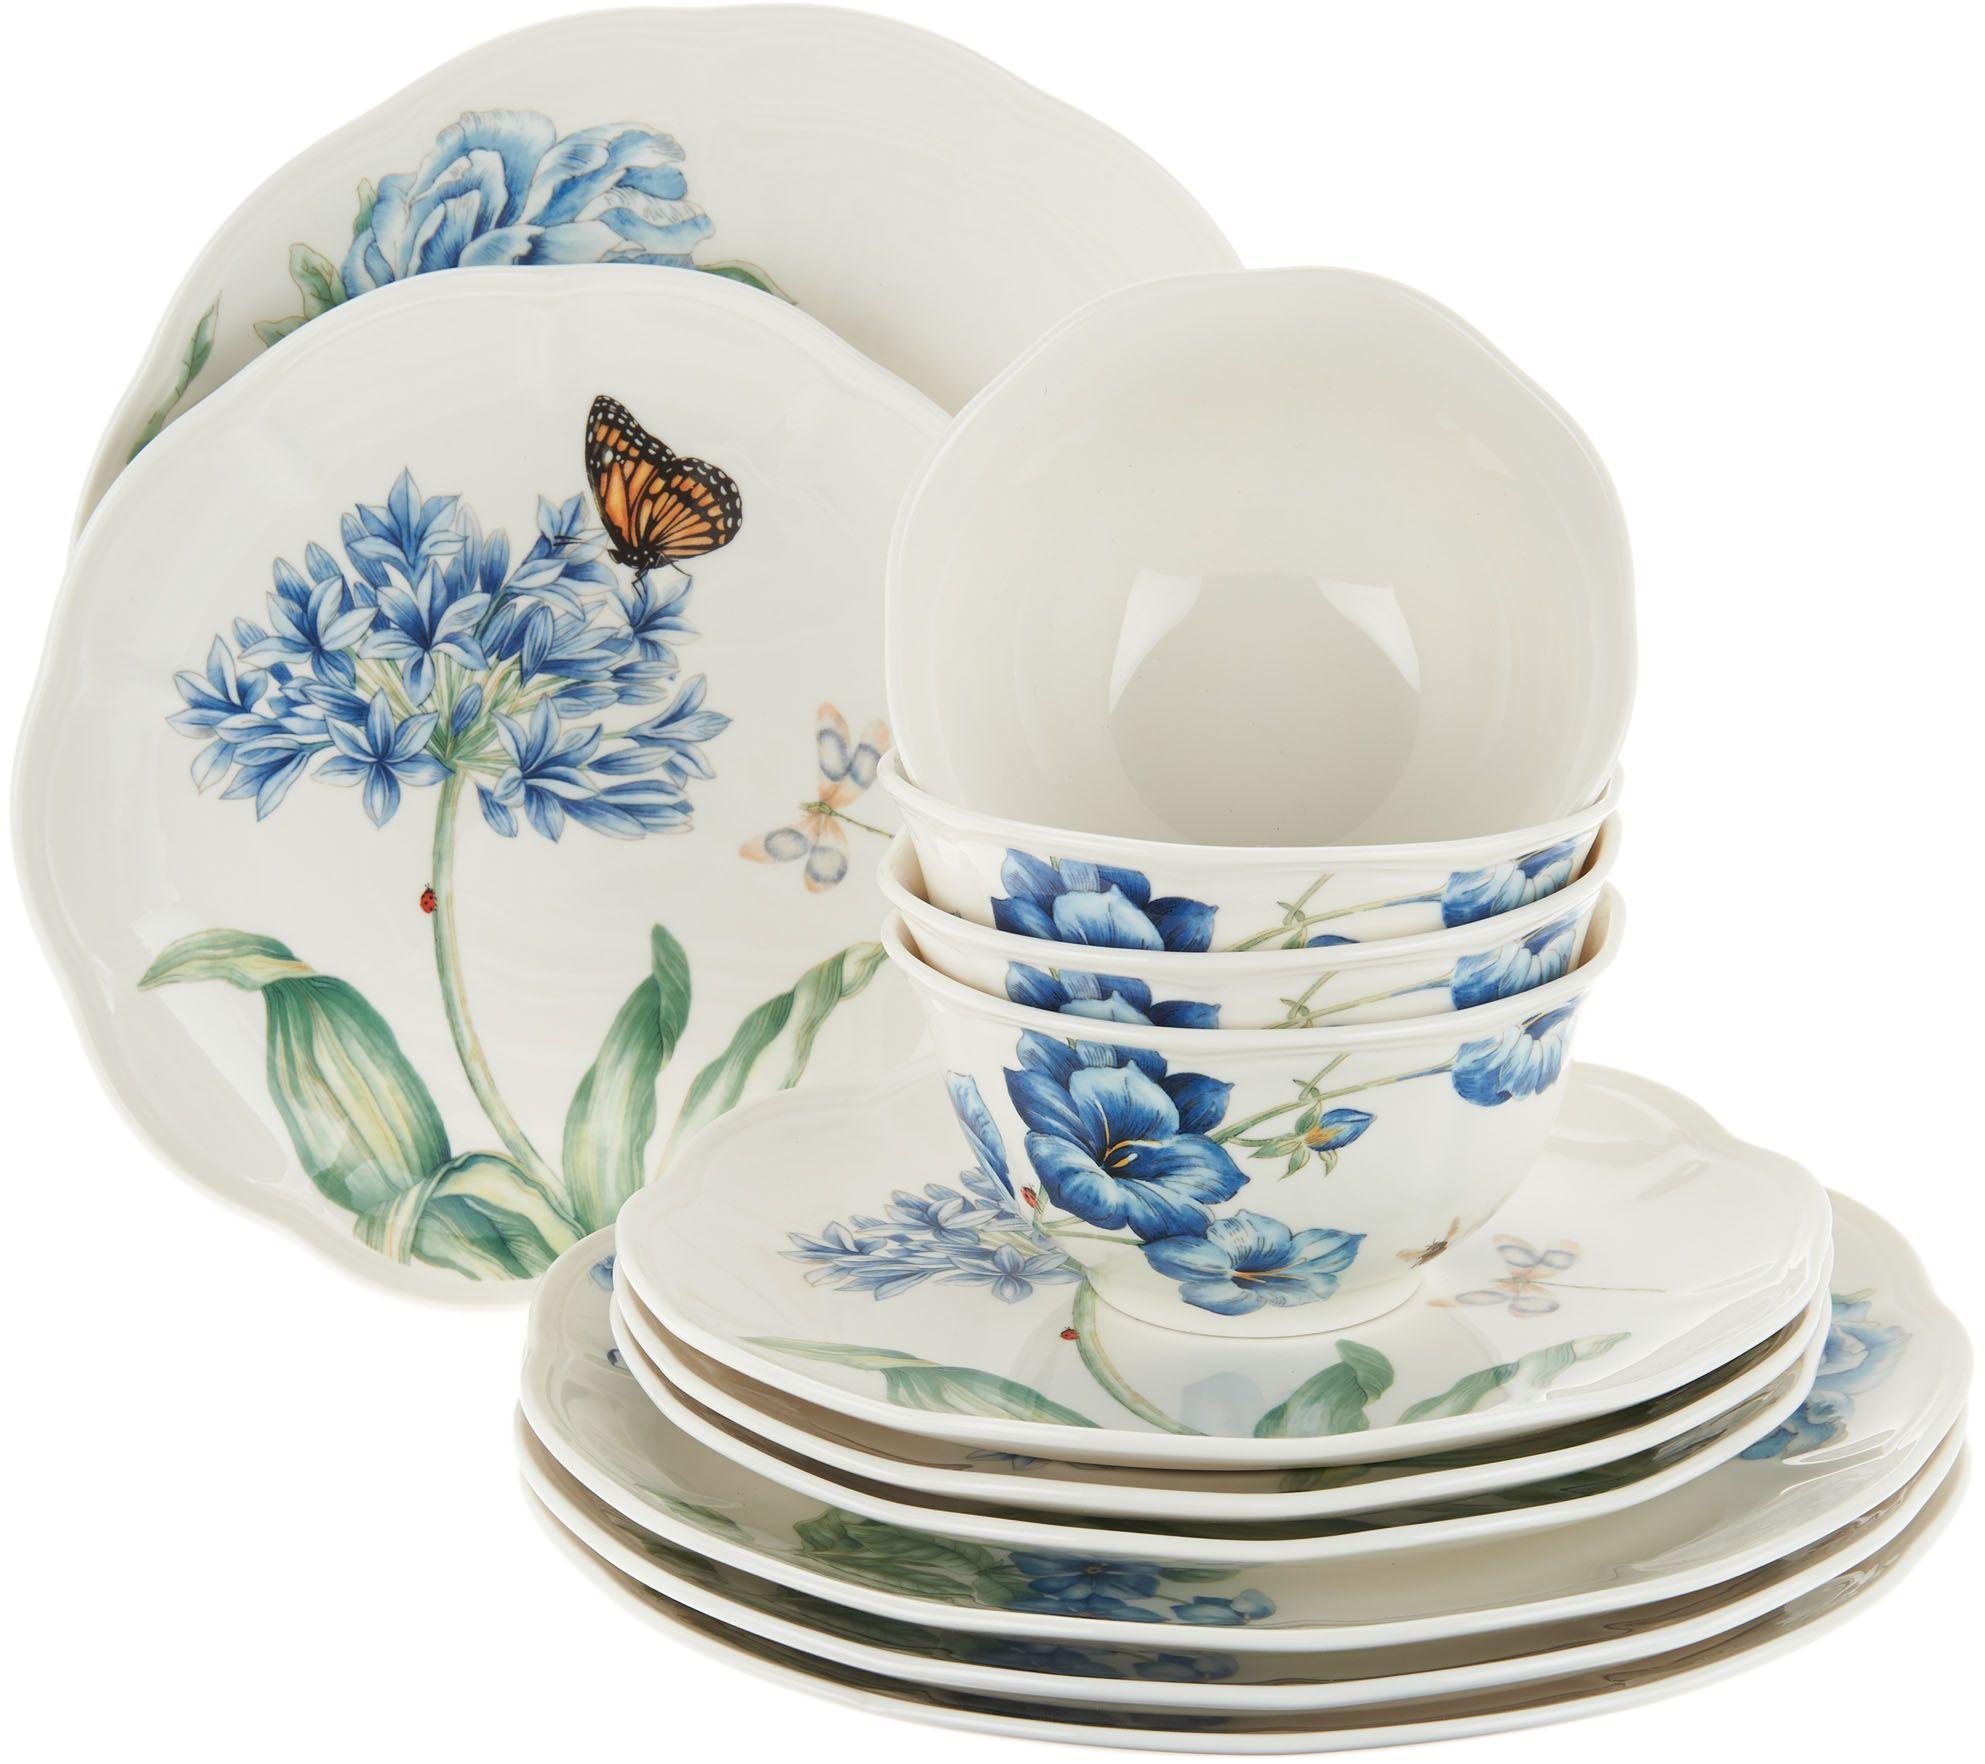 sc 1 st  QVC.com & Lenox Butterfly Meadow 12pc Porcelain Dinnerware Set - Page 1 u2014 QVC.com